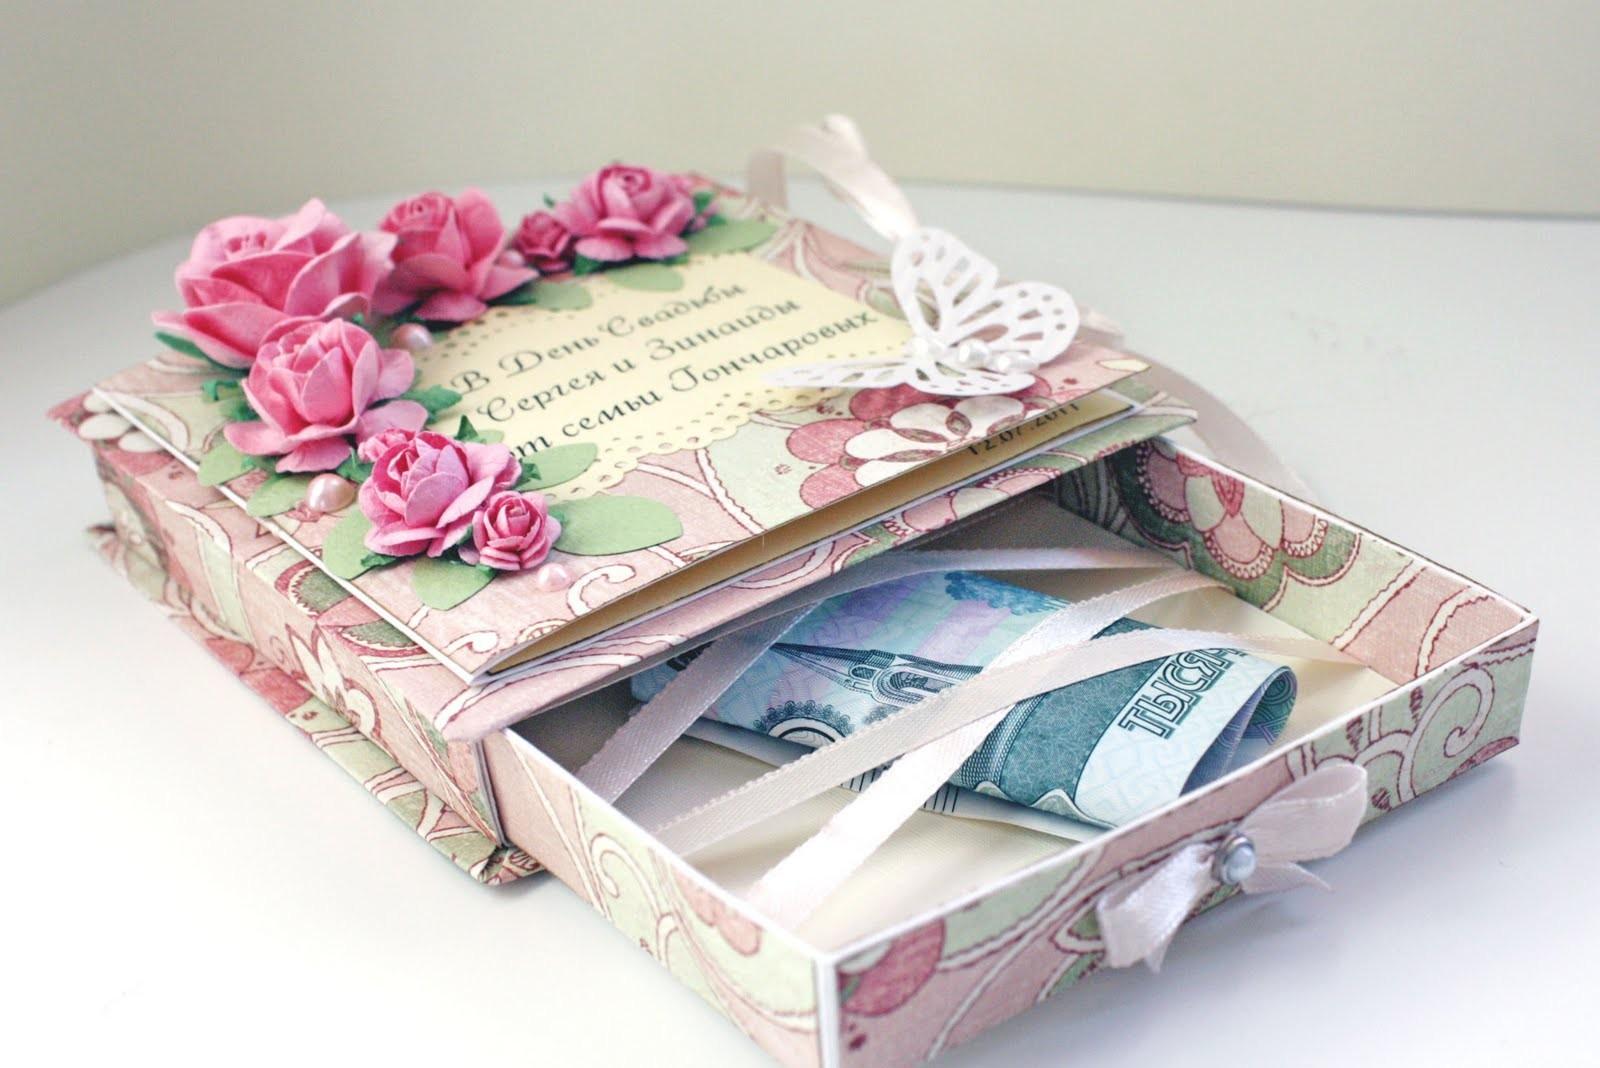 Как красиво оформить подарок деньги на свадьбу #1